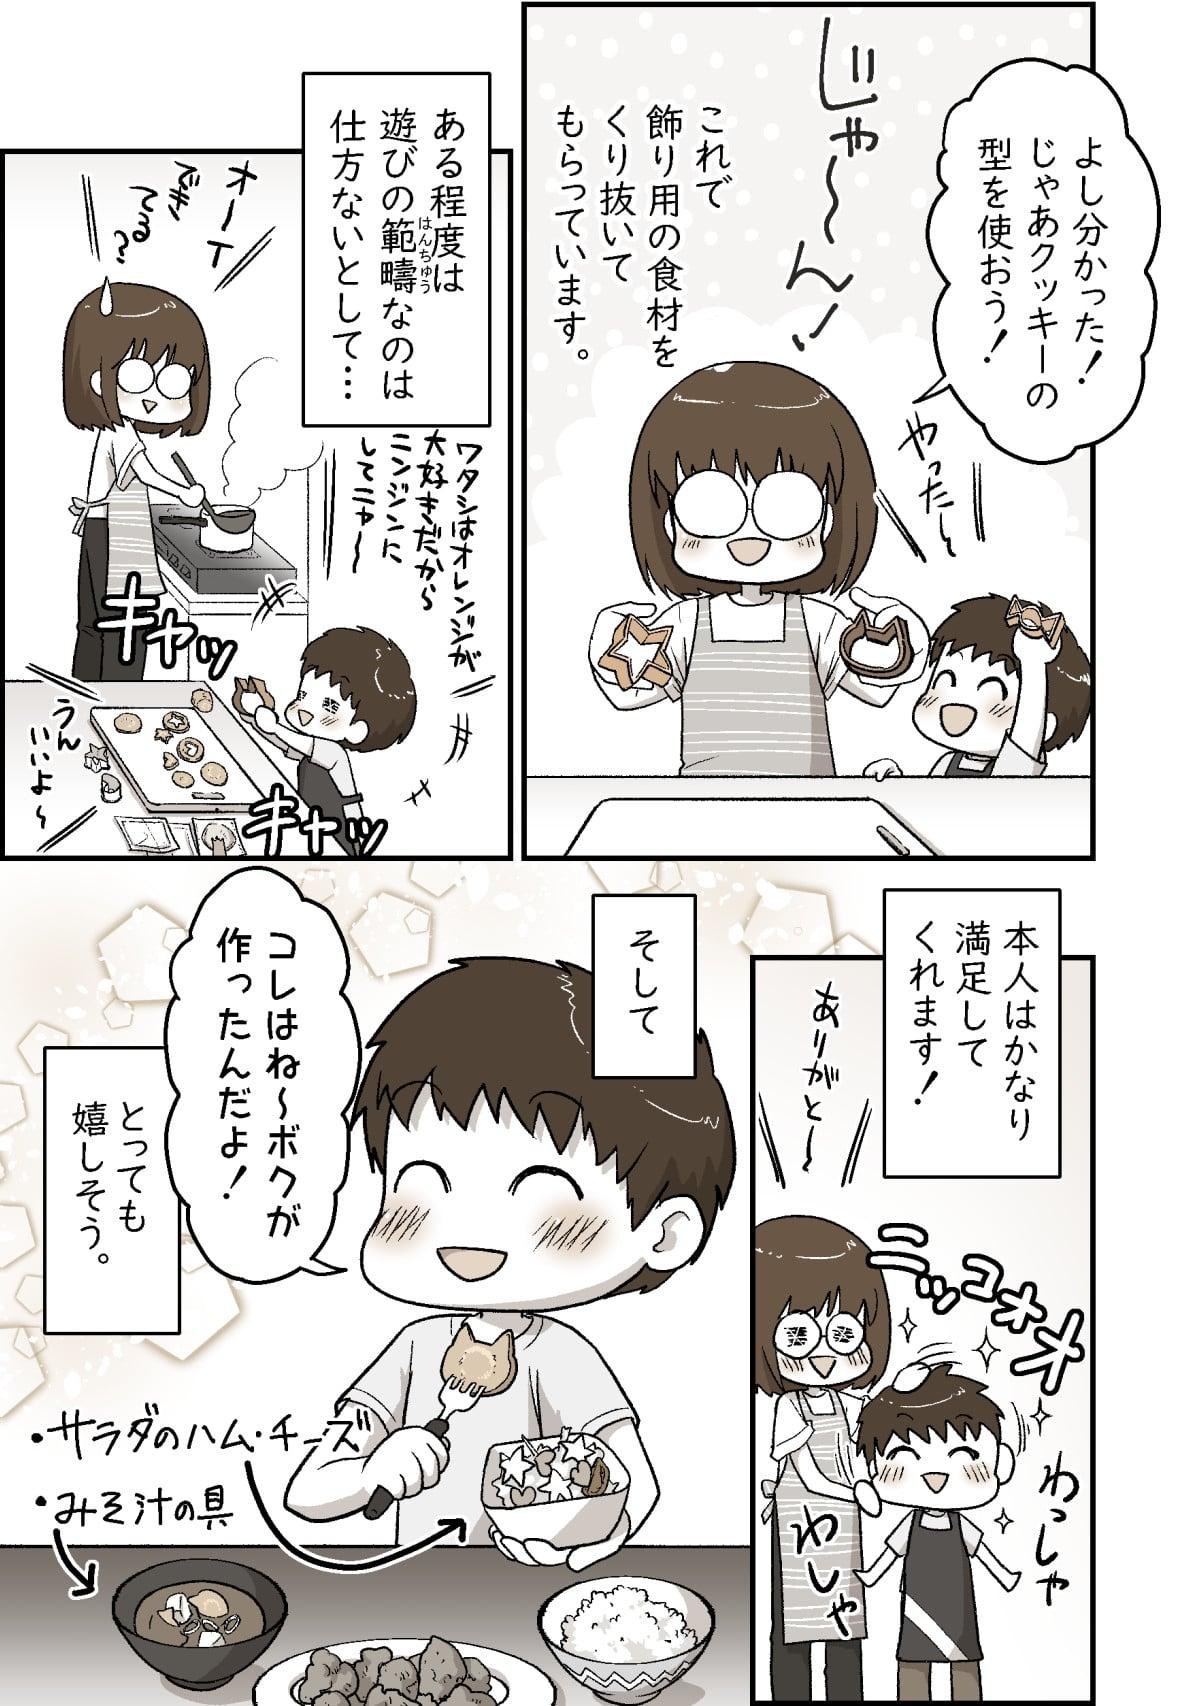 料理のお手伝いはハラハラがいっぱい!?02